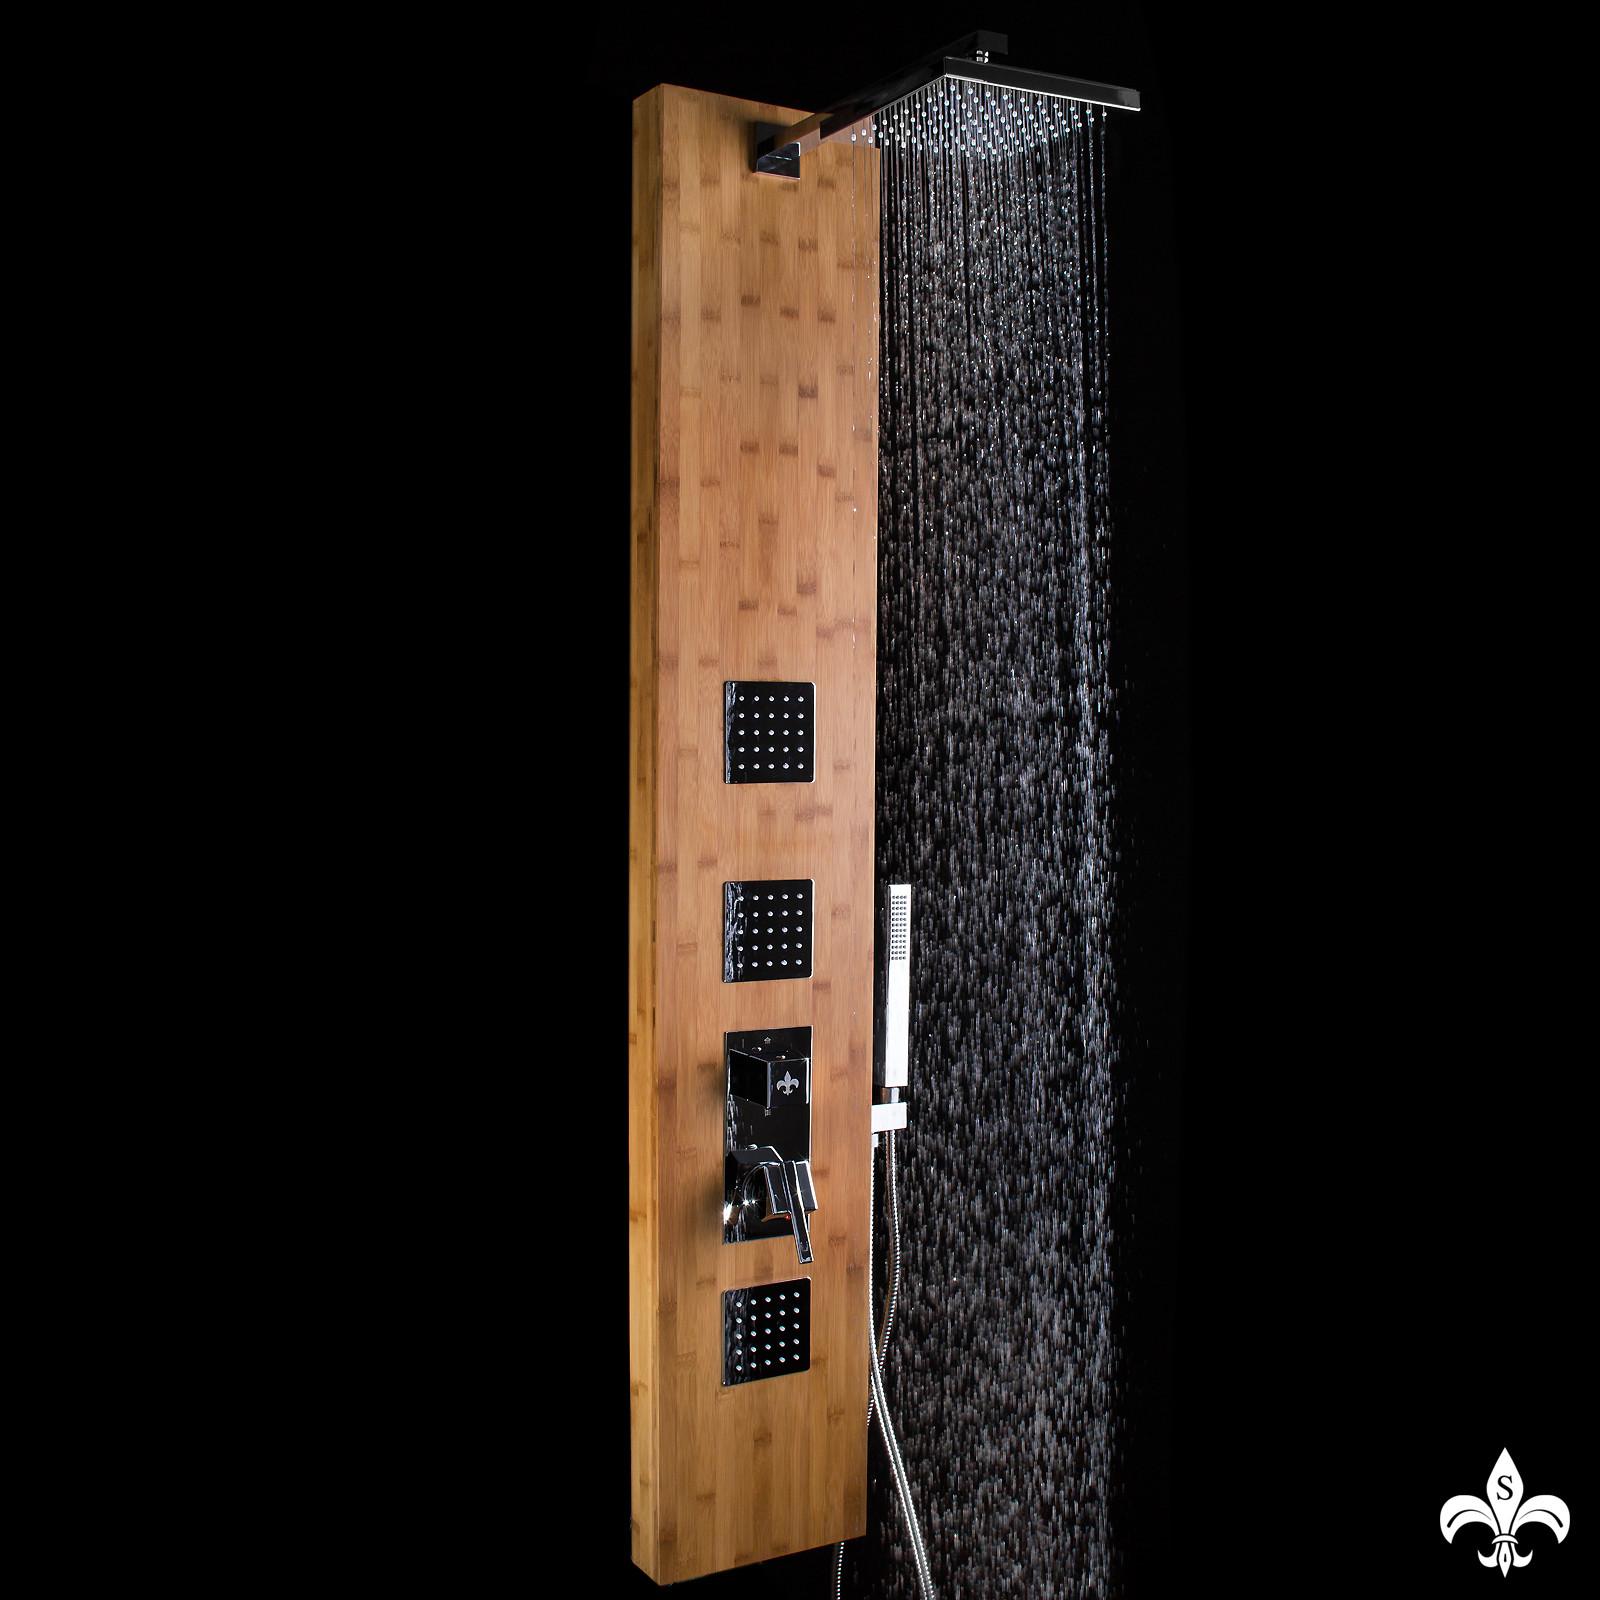 duschpaneel bambus mit vielen funktionen steinkirch german quality sanit r duschpaneele. Black Bedroom Furniture Sets. Home Design Ideas